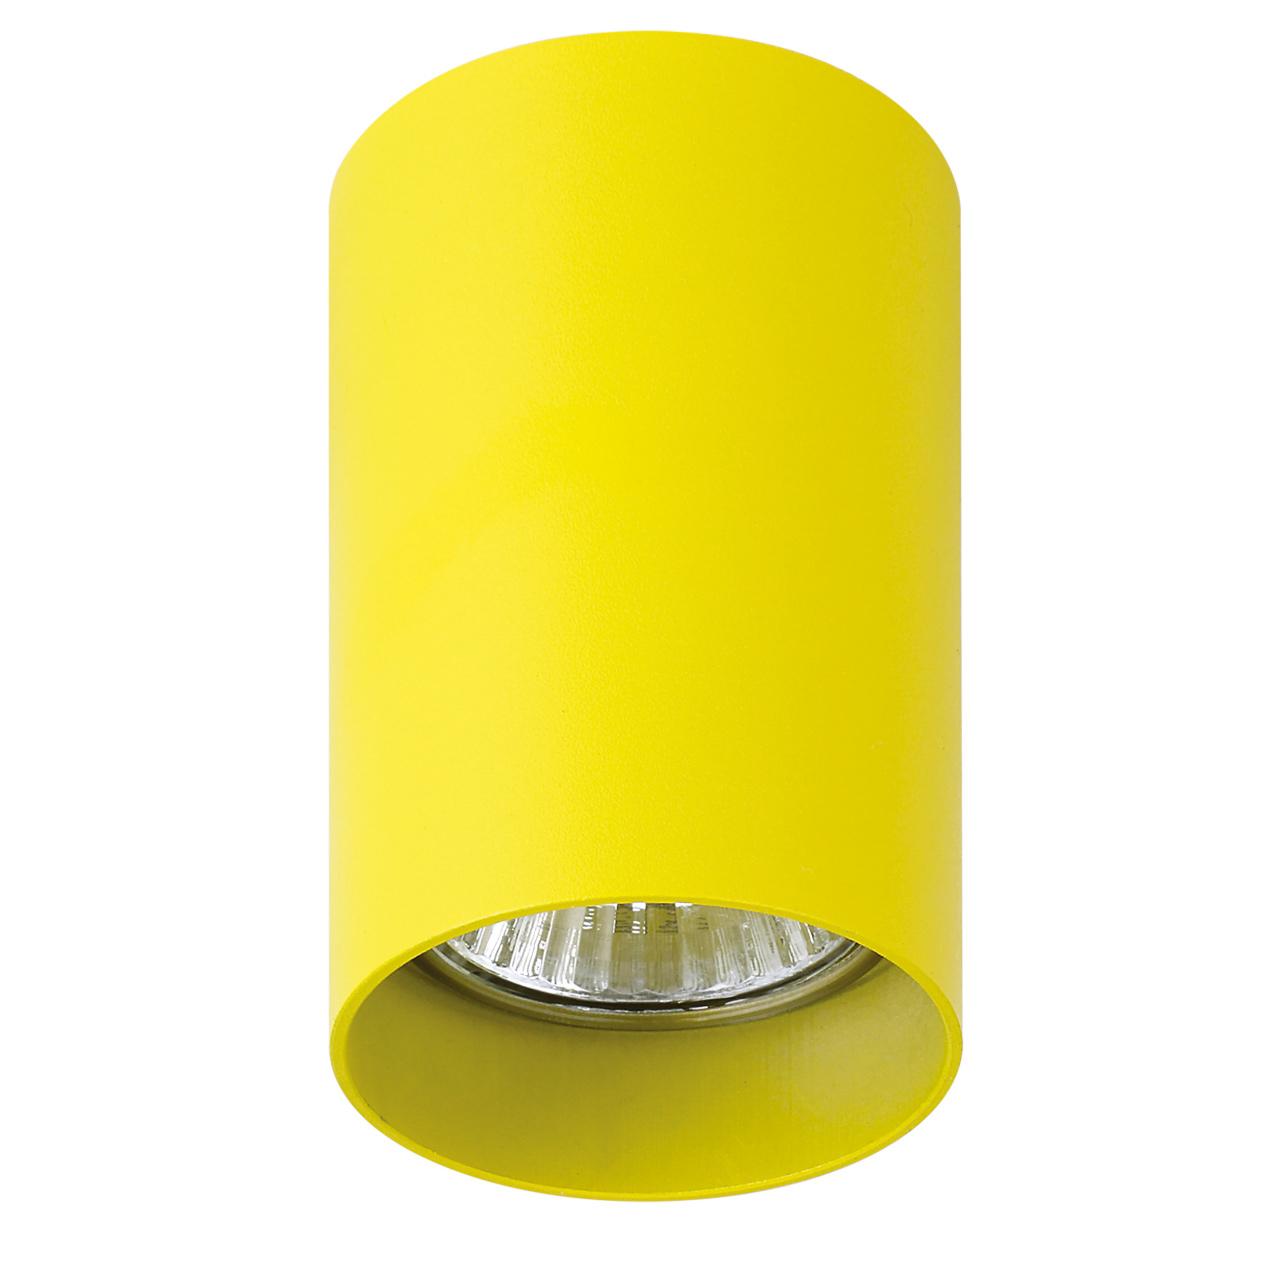 Светильник Rullo HP16 желтый Lightstar 214433